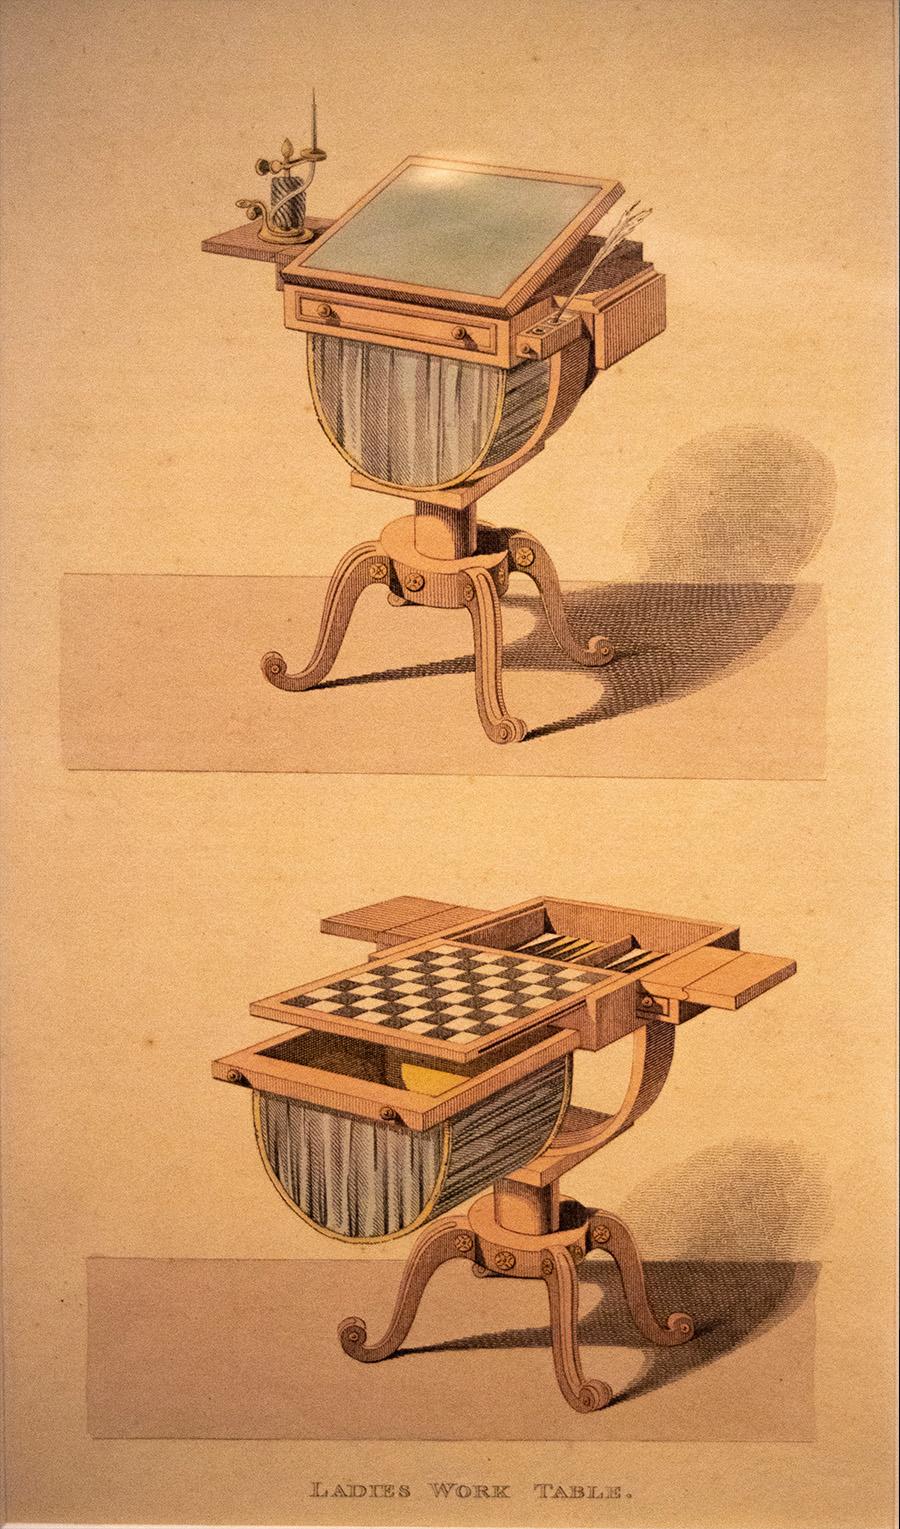 רודולף אקרמן, גרמני, פעל באנגליה, 1764-1834, שולחן למלאכות נשים, אקקווטינטה צבועה ביד, 1809